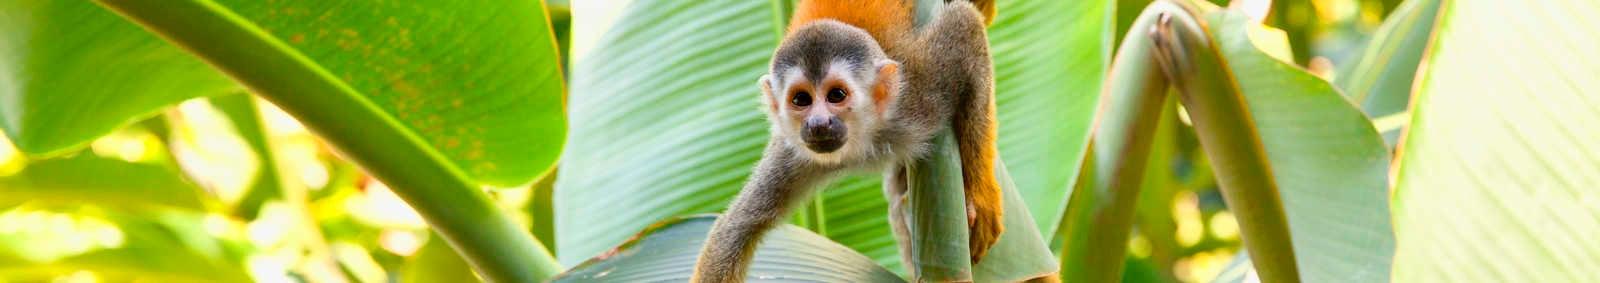 Squirrel Monkey on a palm leaf in Manuel Antonio, Costa Rica